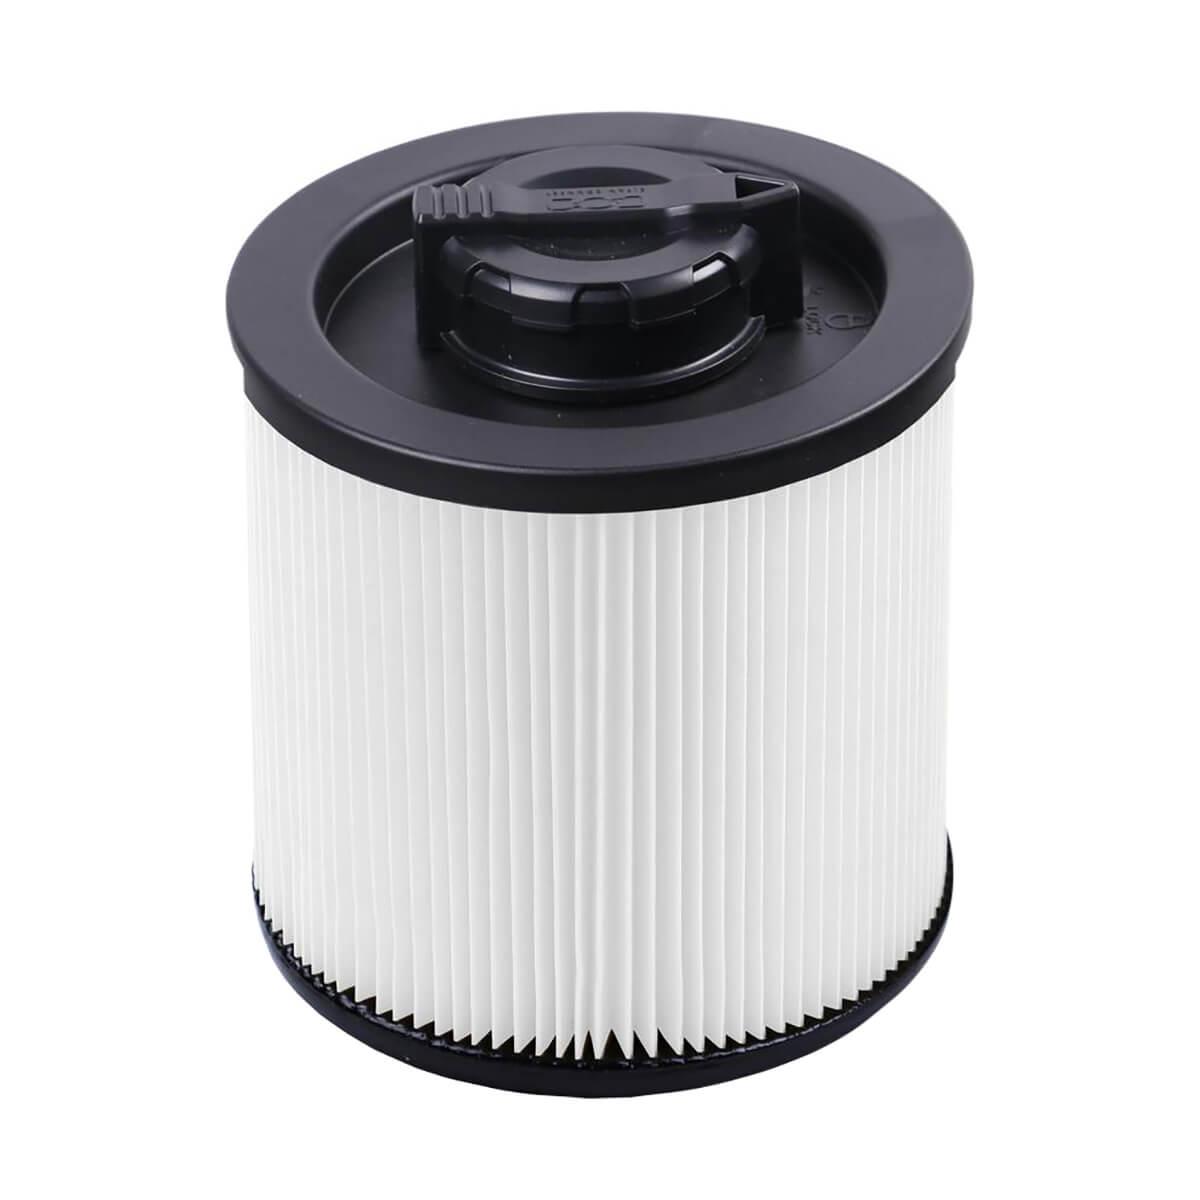 DeWalt Standard Cartridge Filter for Wet/Dry Vacuums - 6-16 Gal